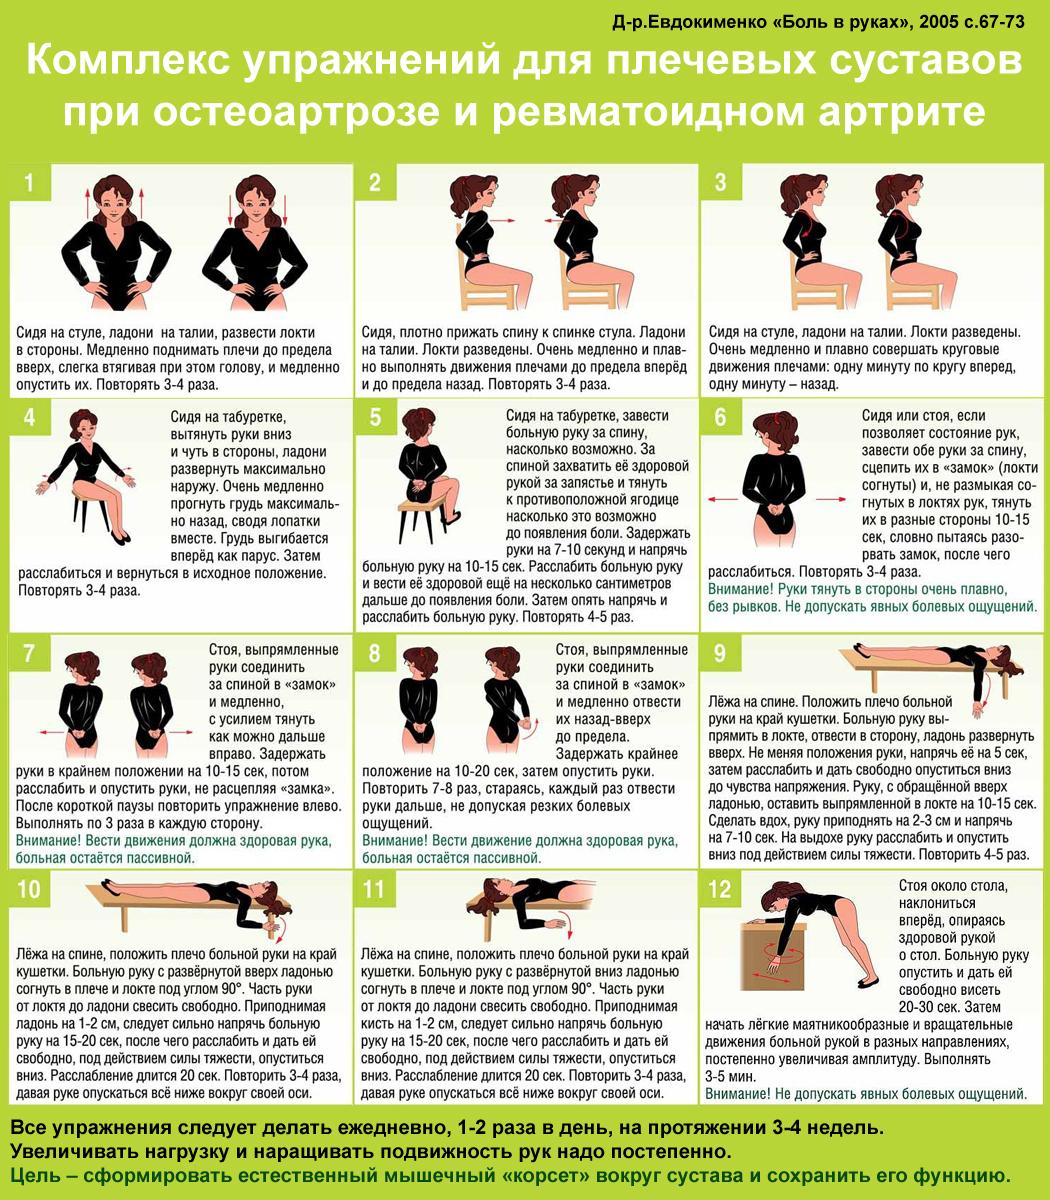 Упражнения при остаоартрозе